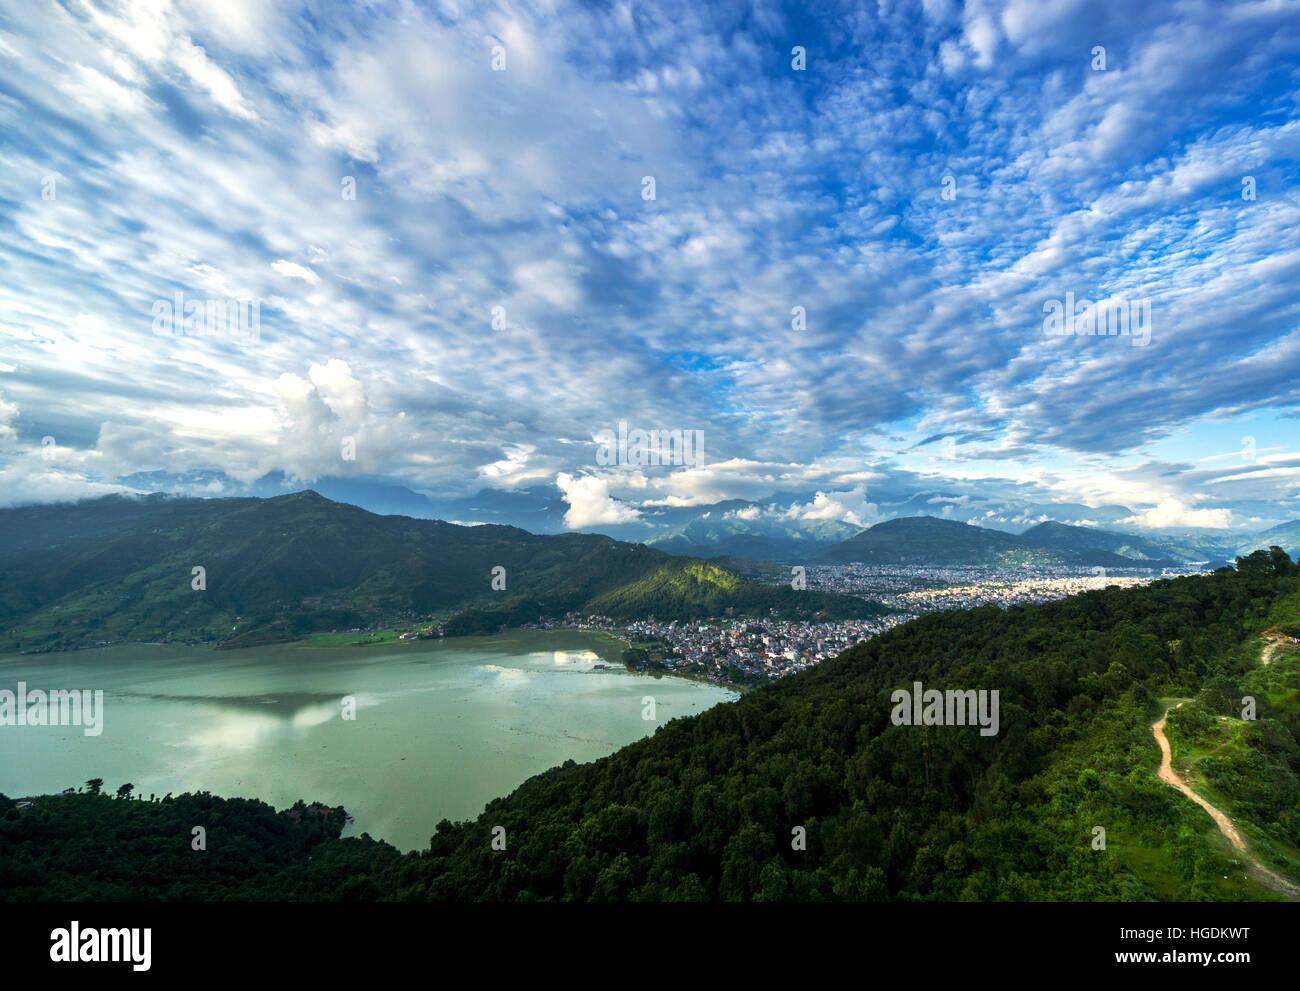 View on the city and the Phewa Lake, Pokhara, Kaski District, Nepal - Stock Image